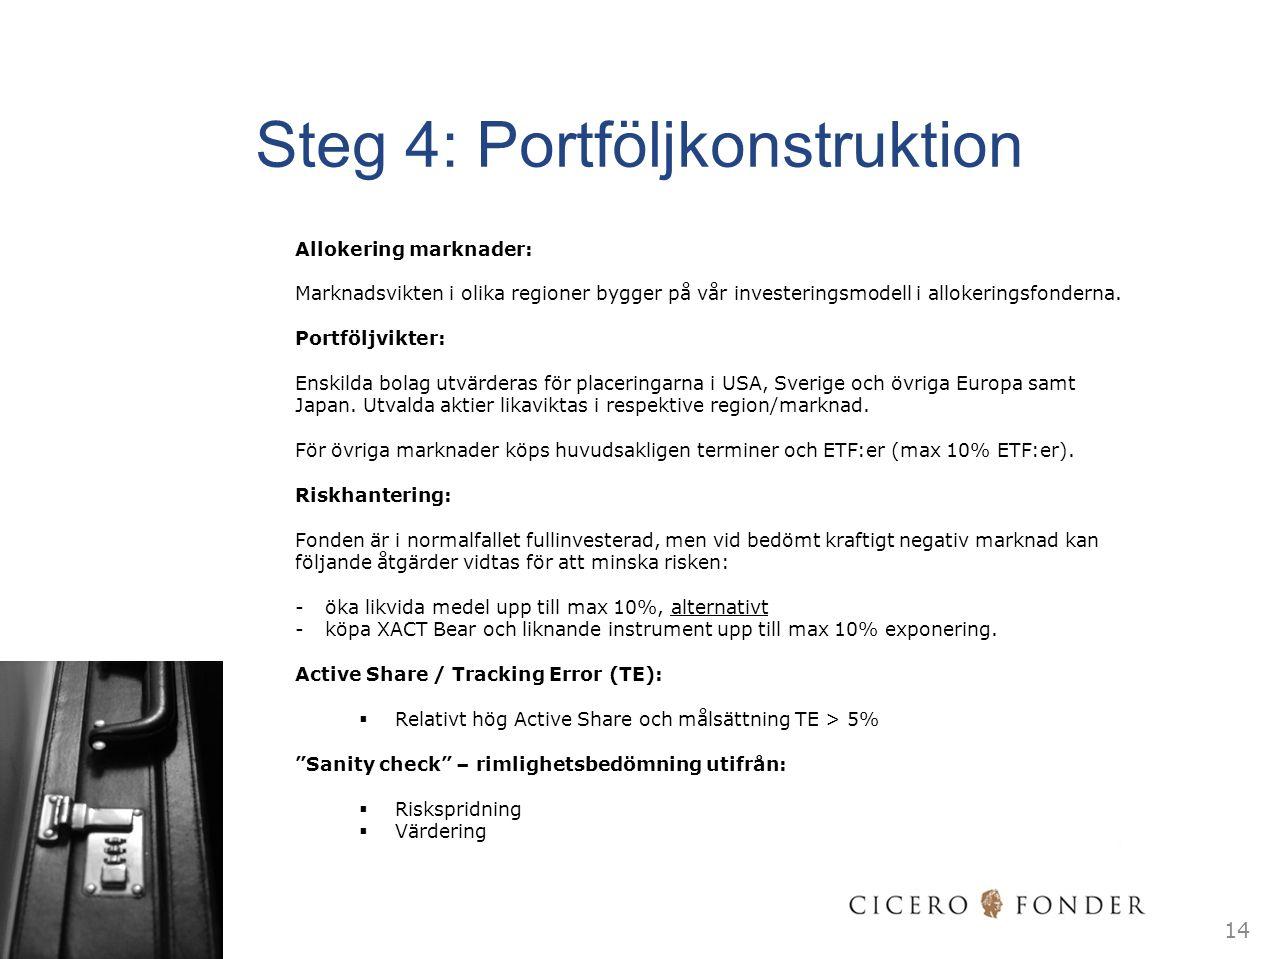 Steg 4: Portföljkonstruktion Allokering marknader: Marknadsvikten i olika regioner bygger på vår investeringsmodell i allokeringsfonderna. Portföljvik